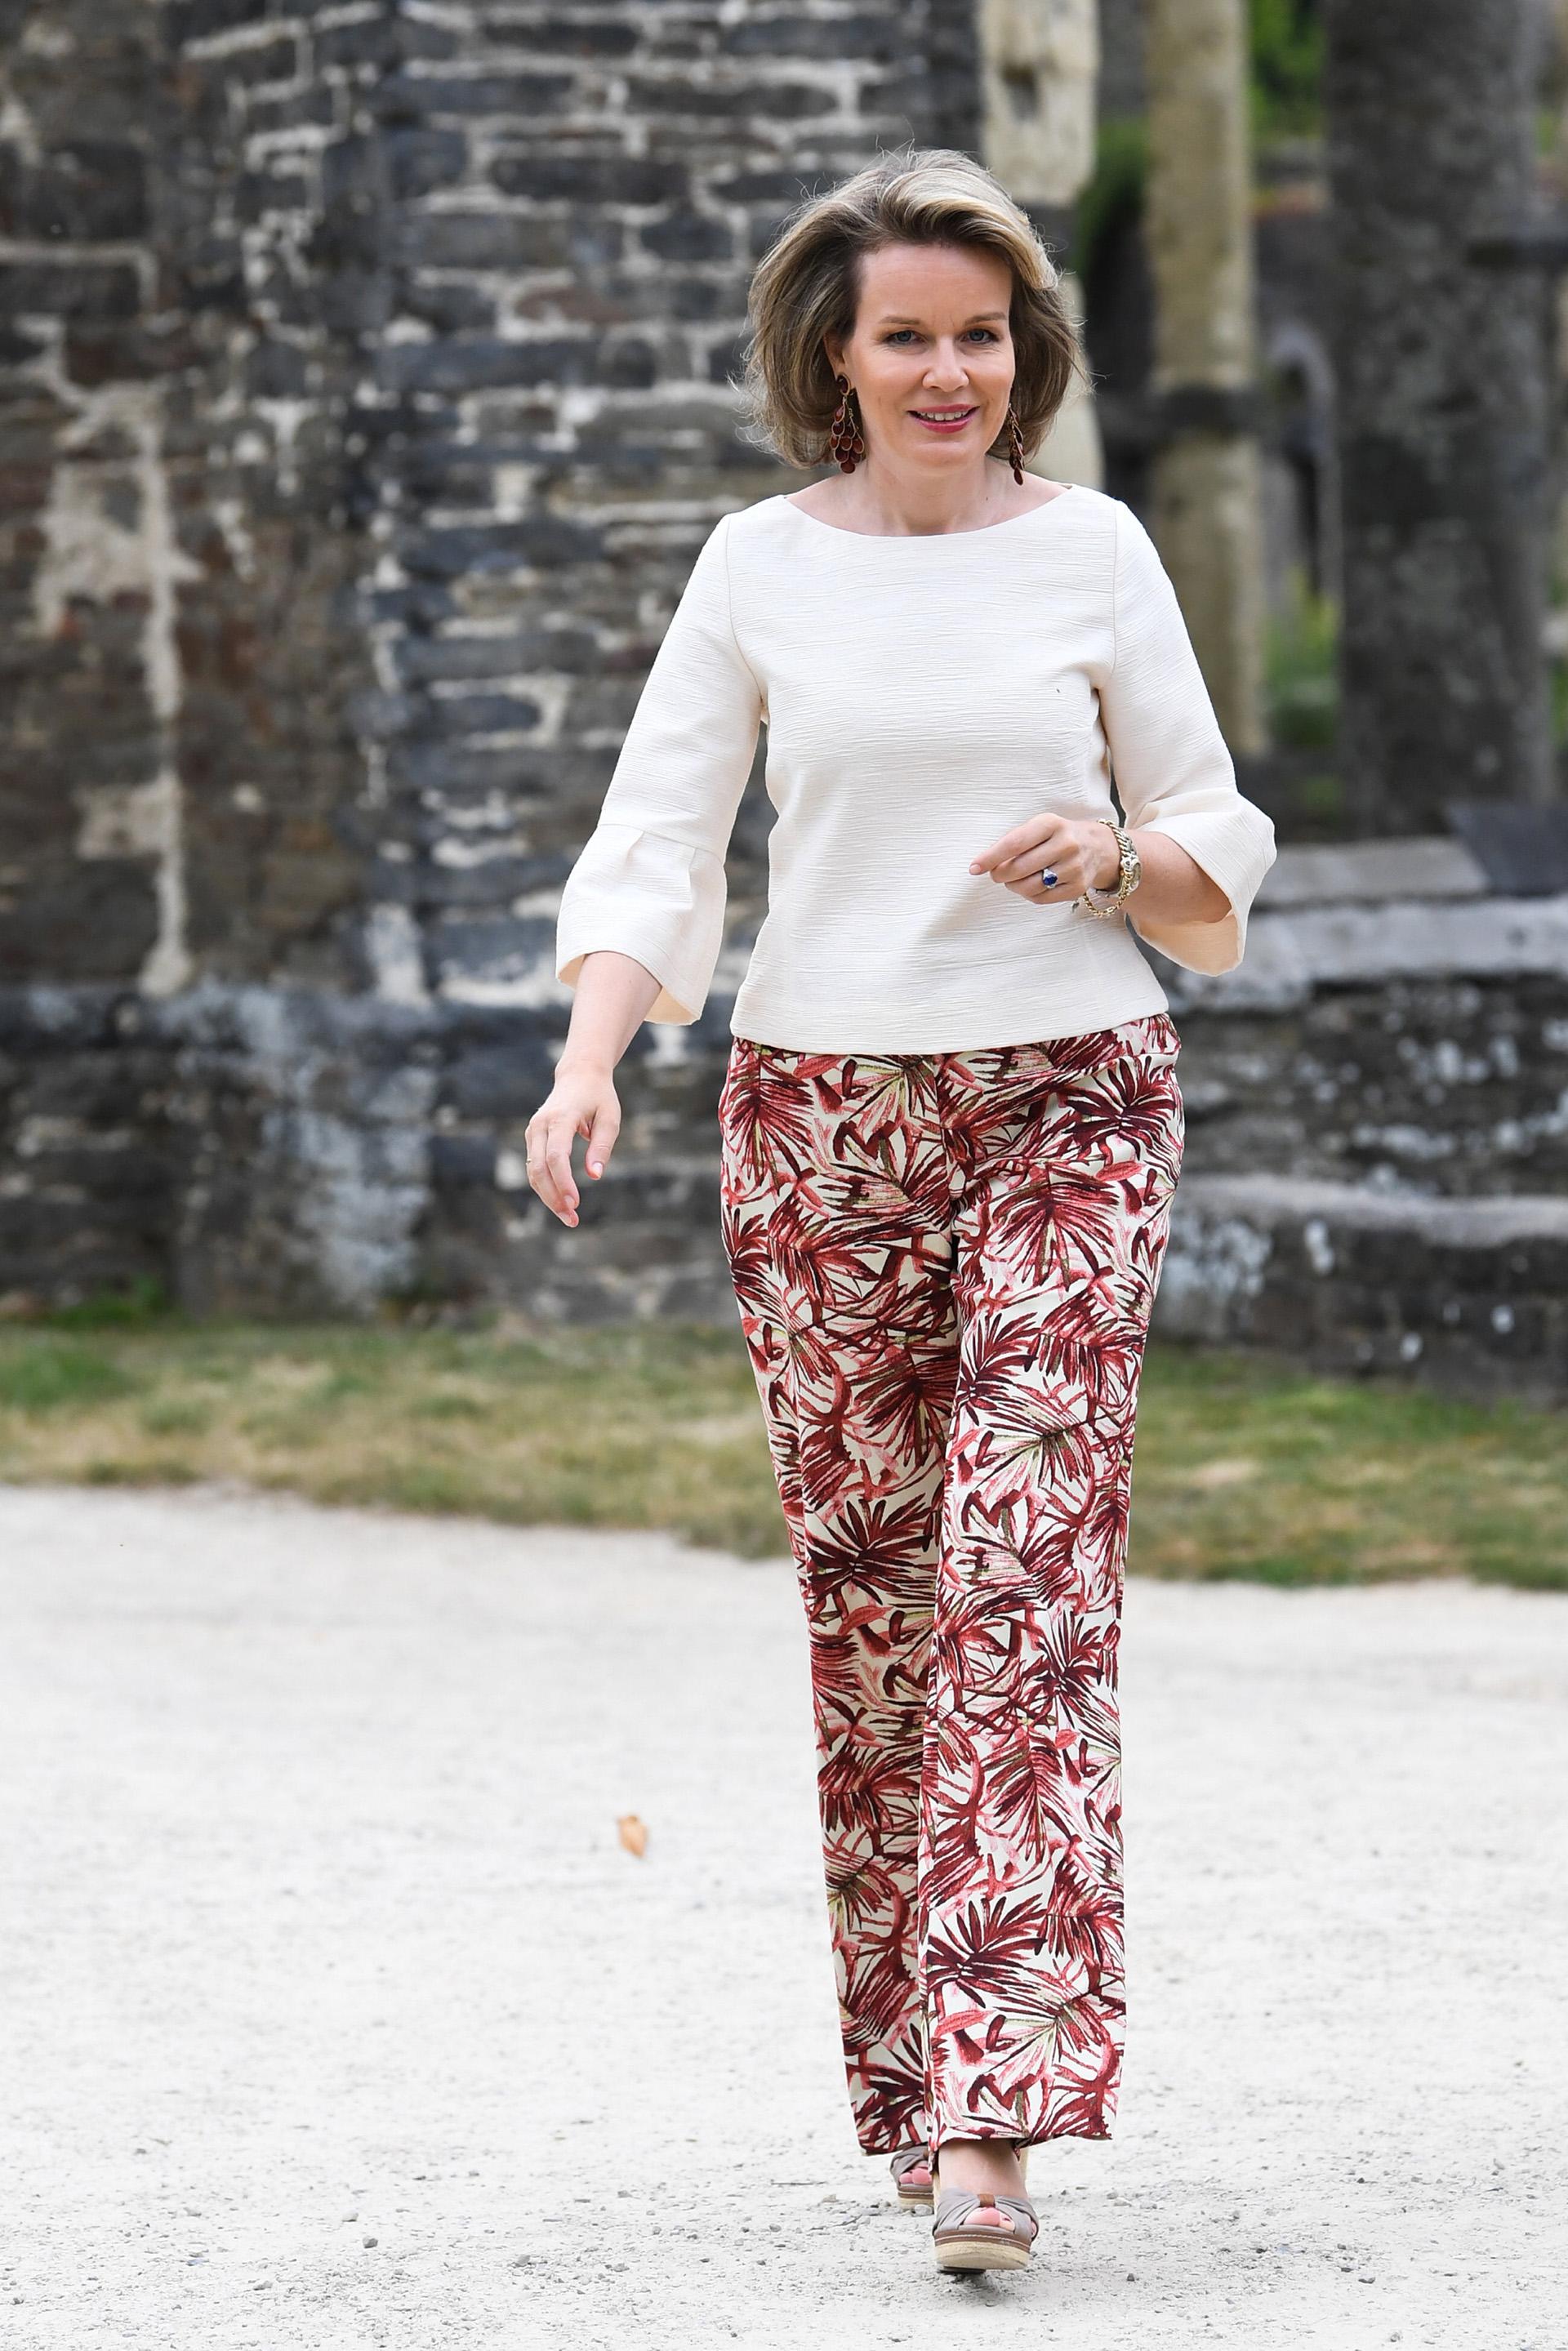 A los 45 años, Mathilde de Bélgica cautiva con su belleza, elegancia y simpleza